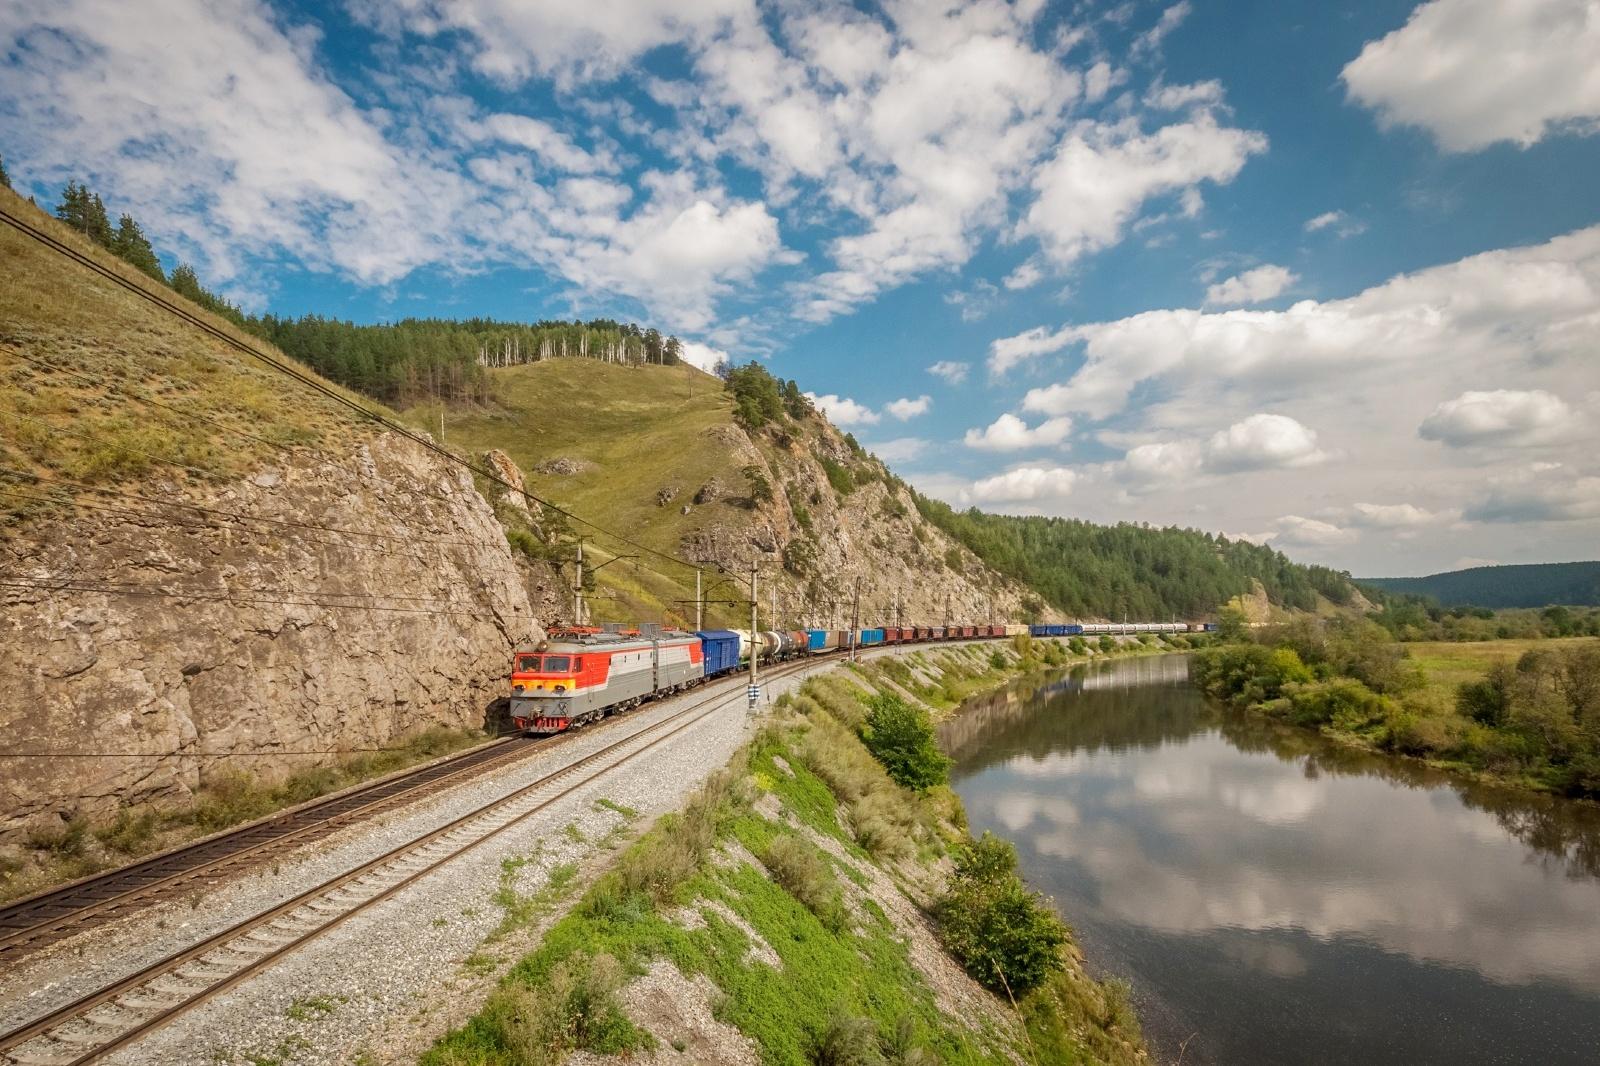 バイカル湖のそばをゆく貨物列車 ロシアの鉄道風景